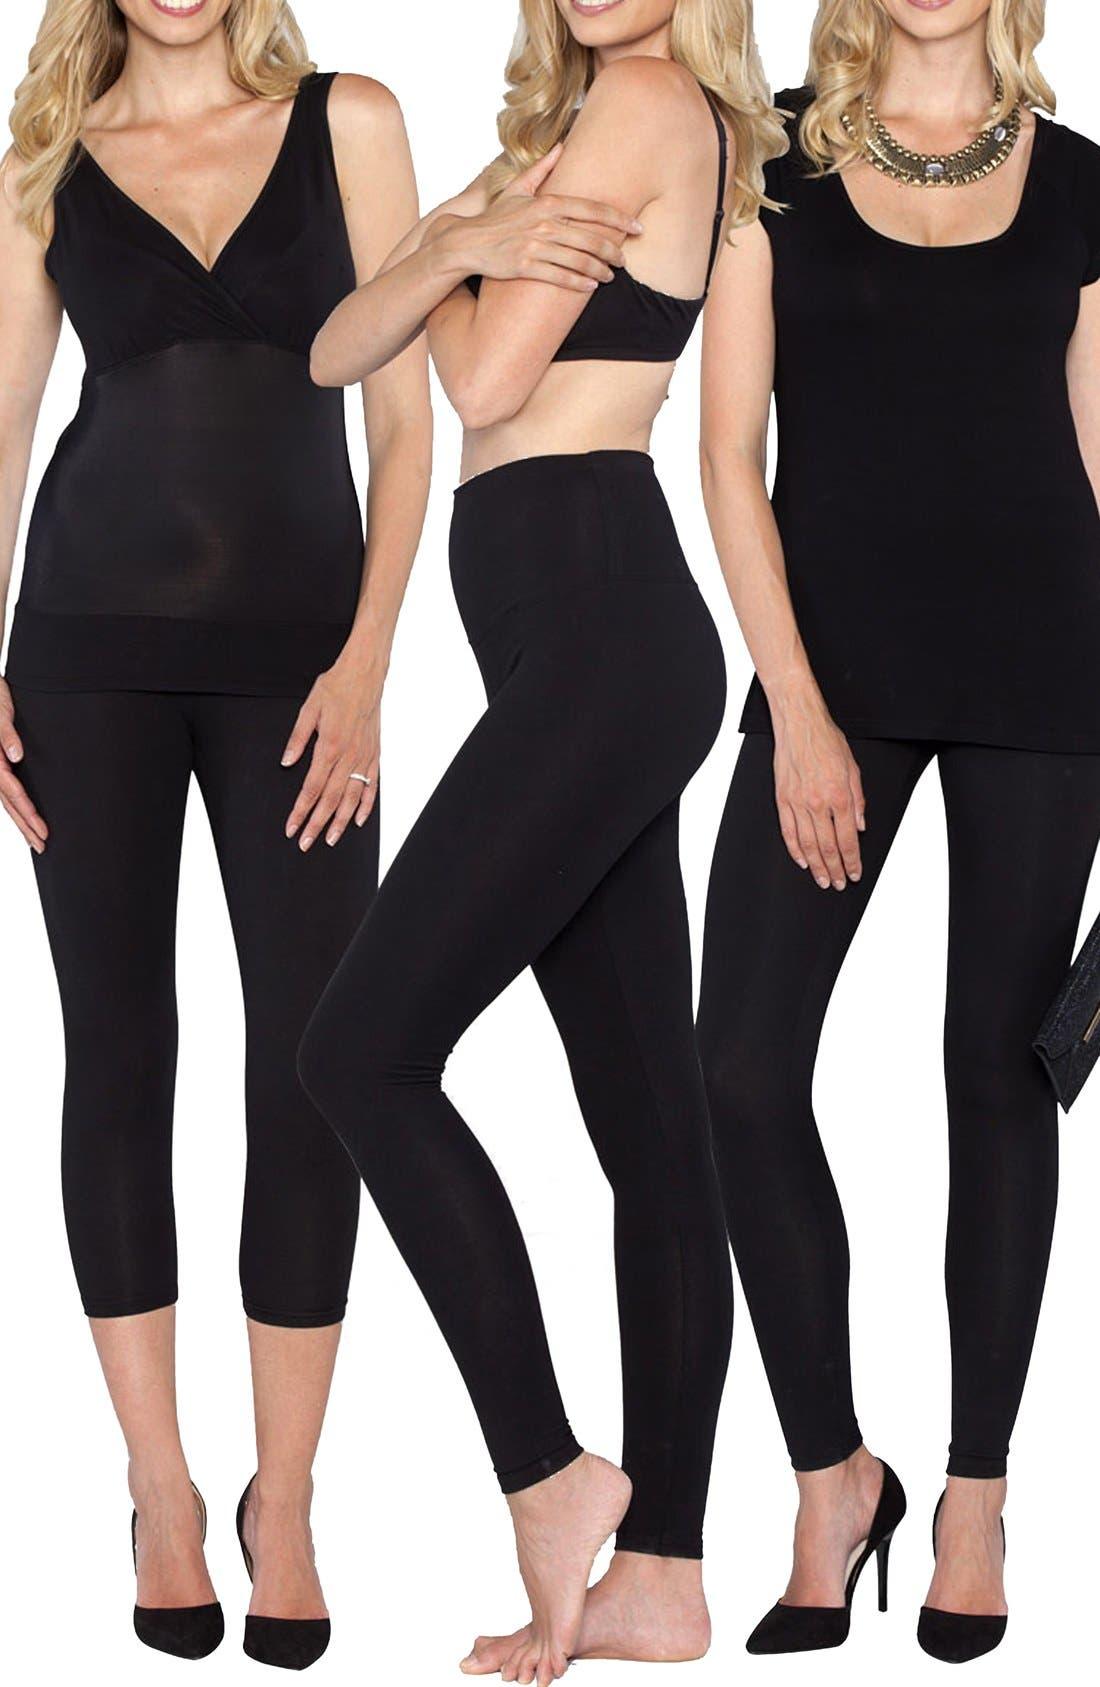 'The Tummy Tight' Postpartum Shapewear Kit,                             Main thumbnail 1, color,                             BLACK